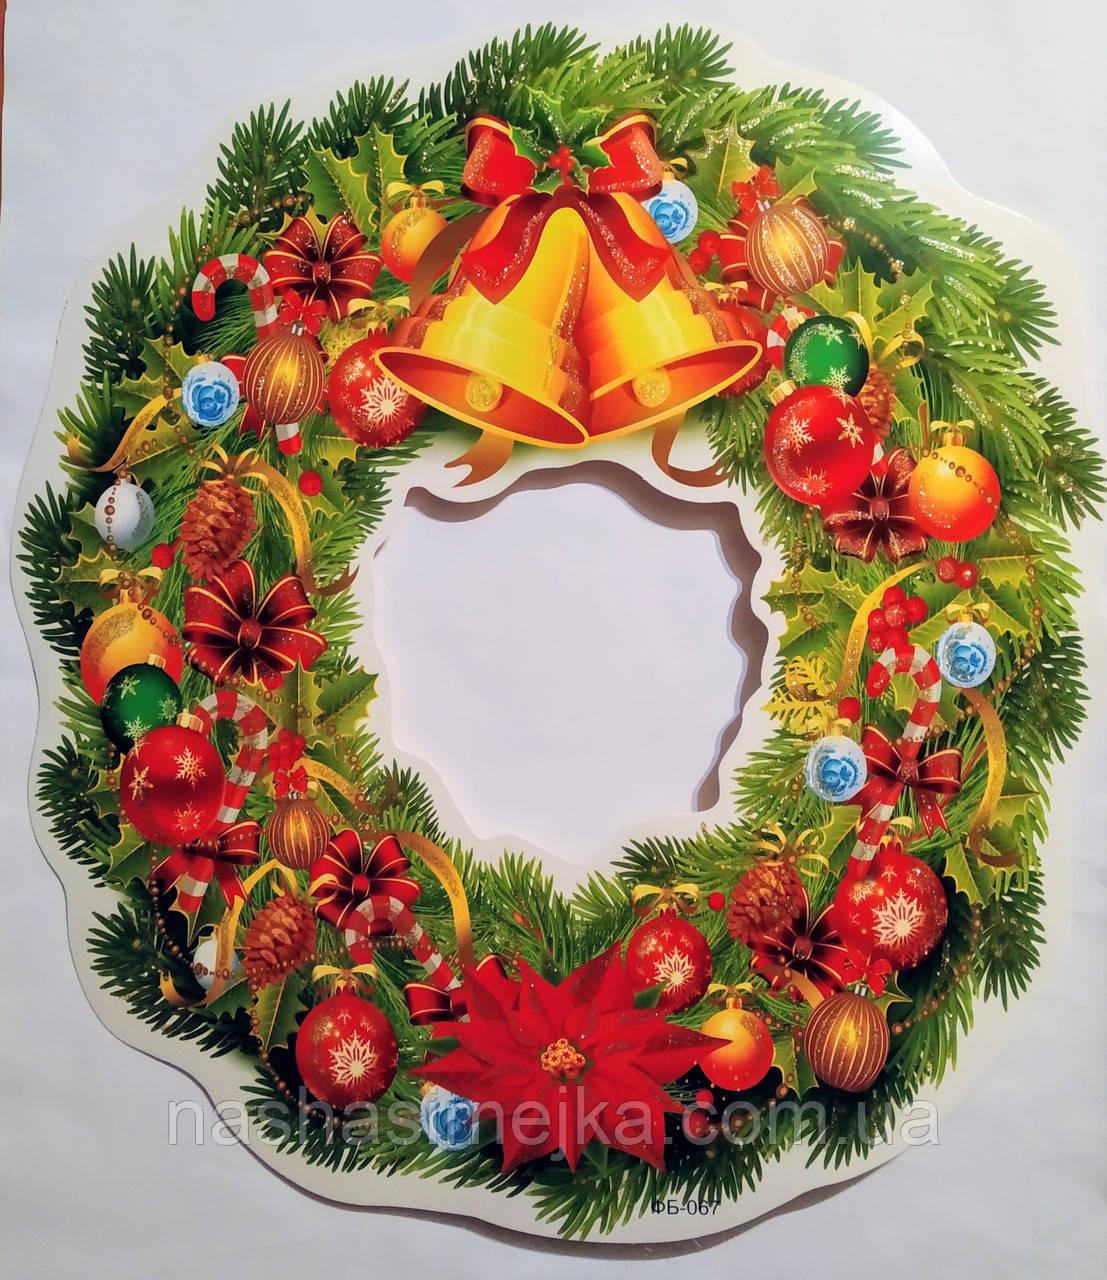 Зимовий новорічний декор. Фігурний плакат «Різдвяний віночок» (СП)